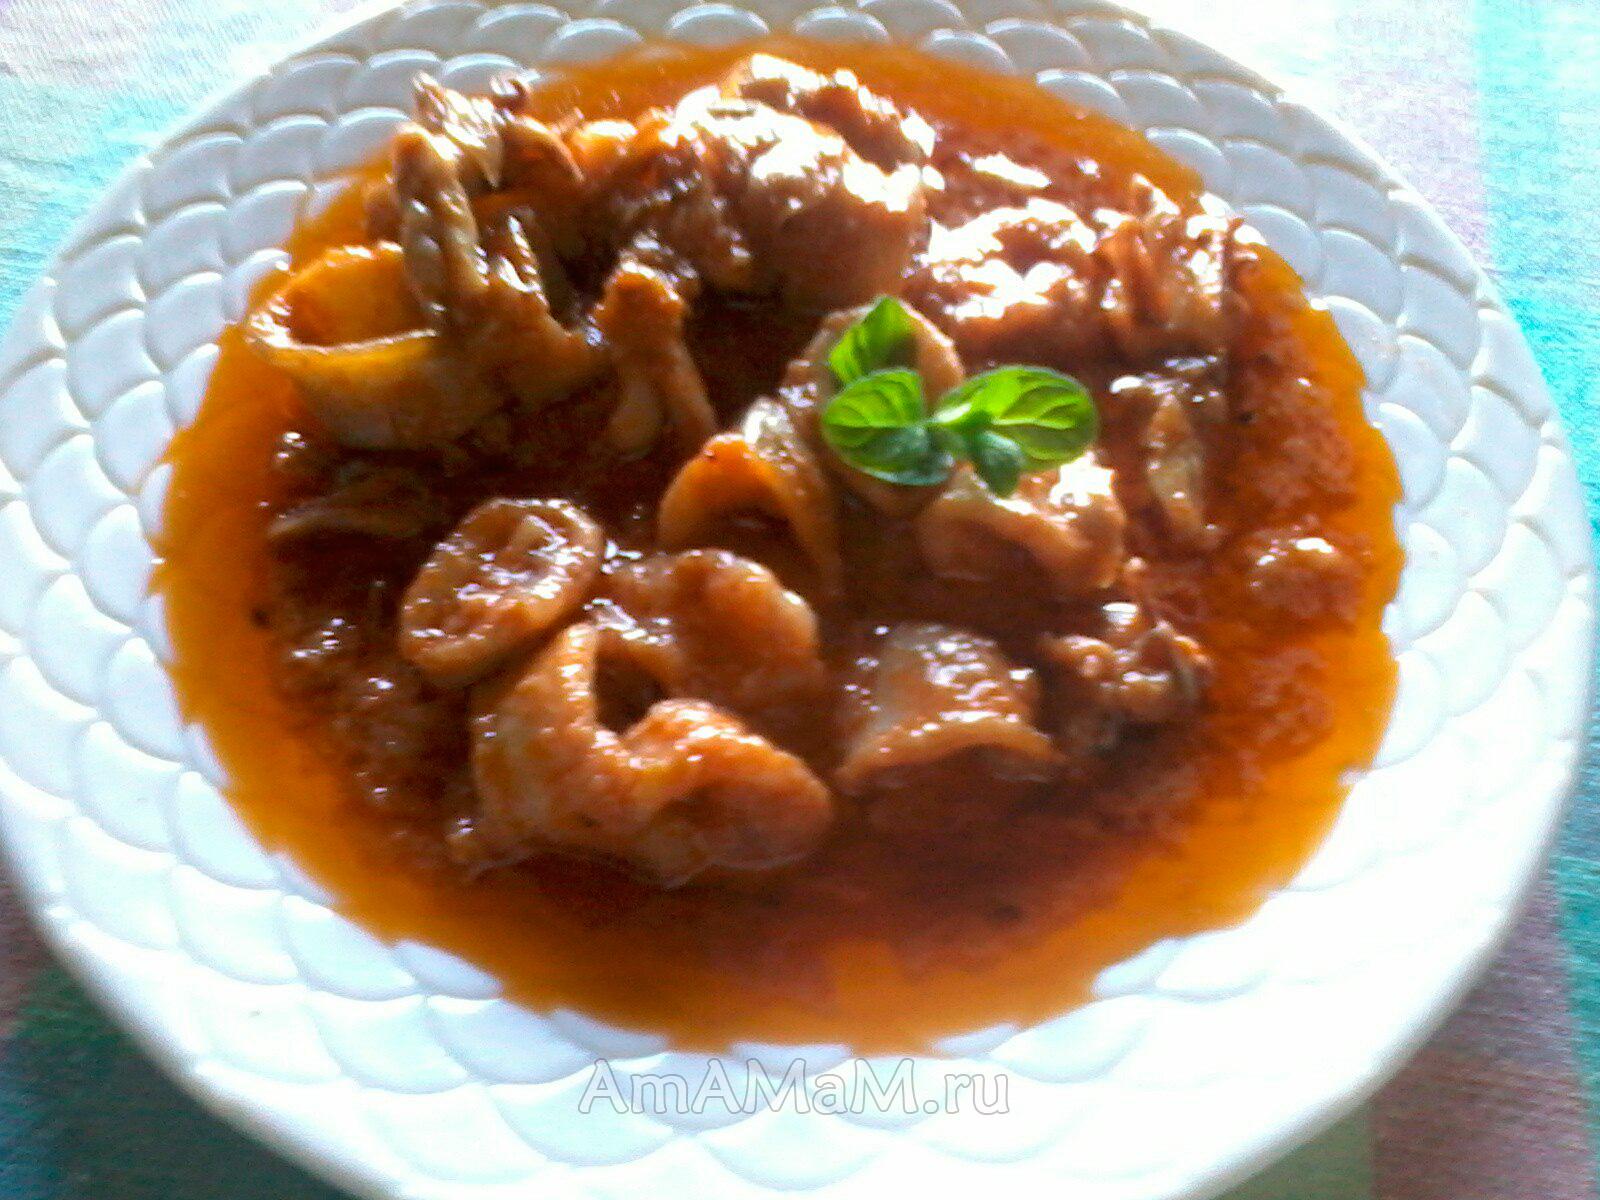 Каламаракья кккиниста - кальмары в томатном соусе с луком и чесноком - очень вкусное греческое блюдо